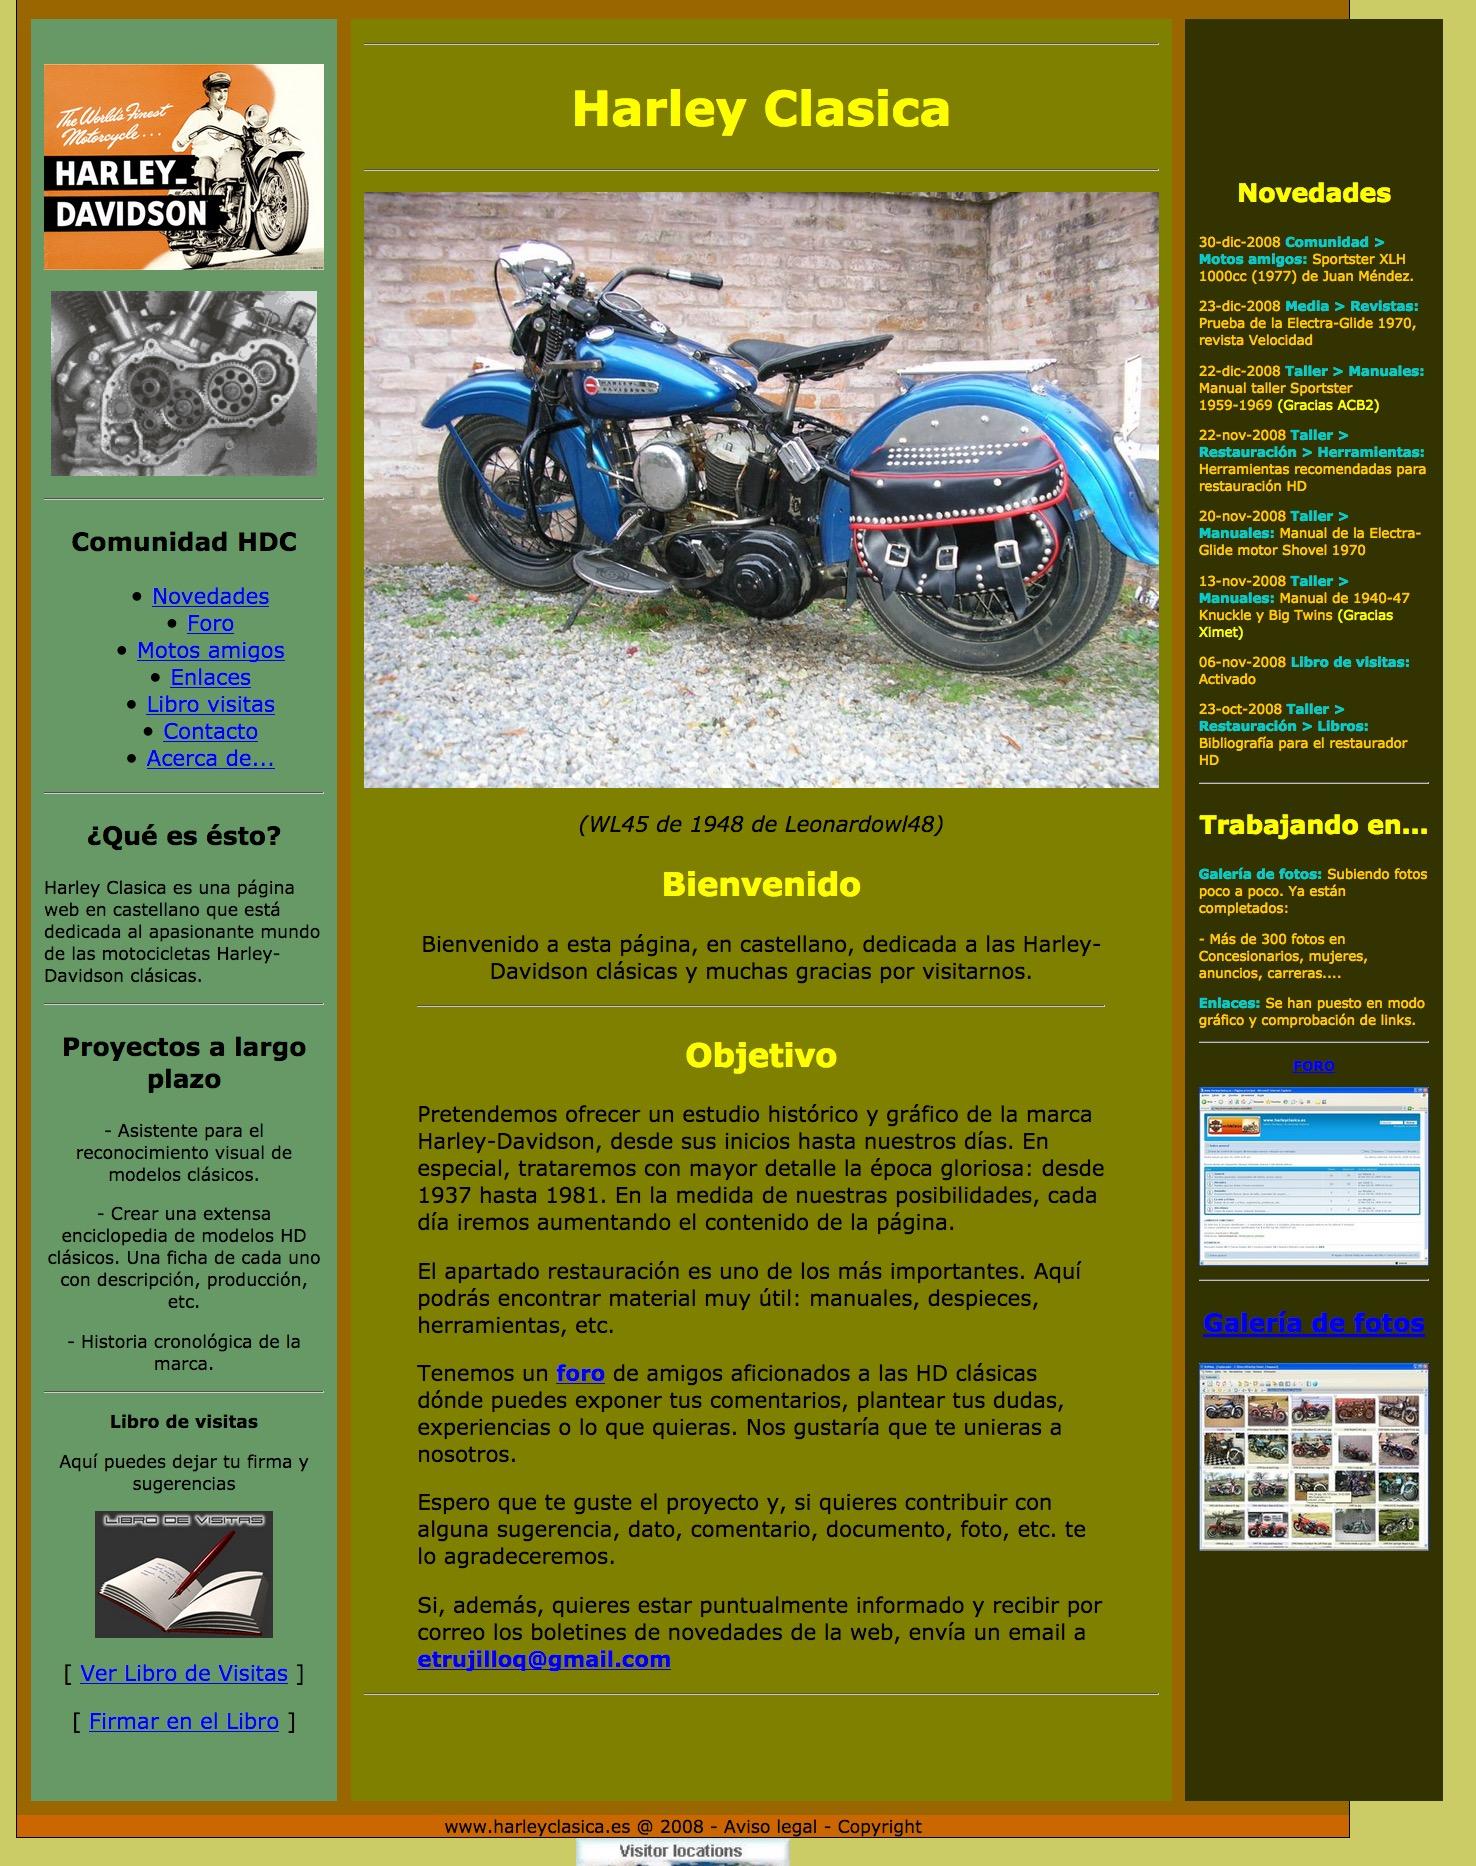 """La web """"harleyclasica"""" en el año 2008"""